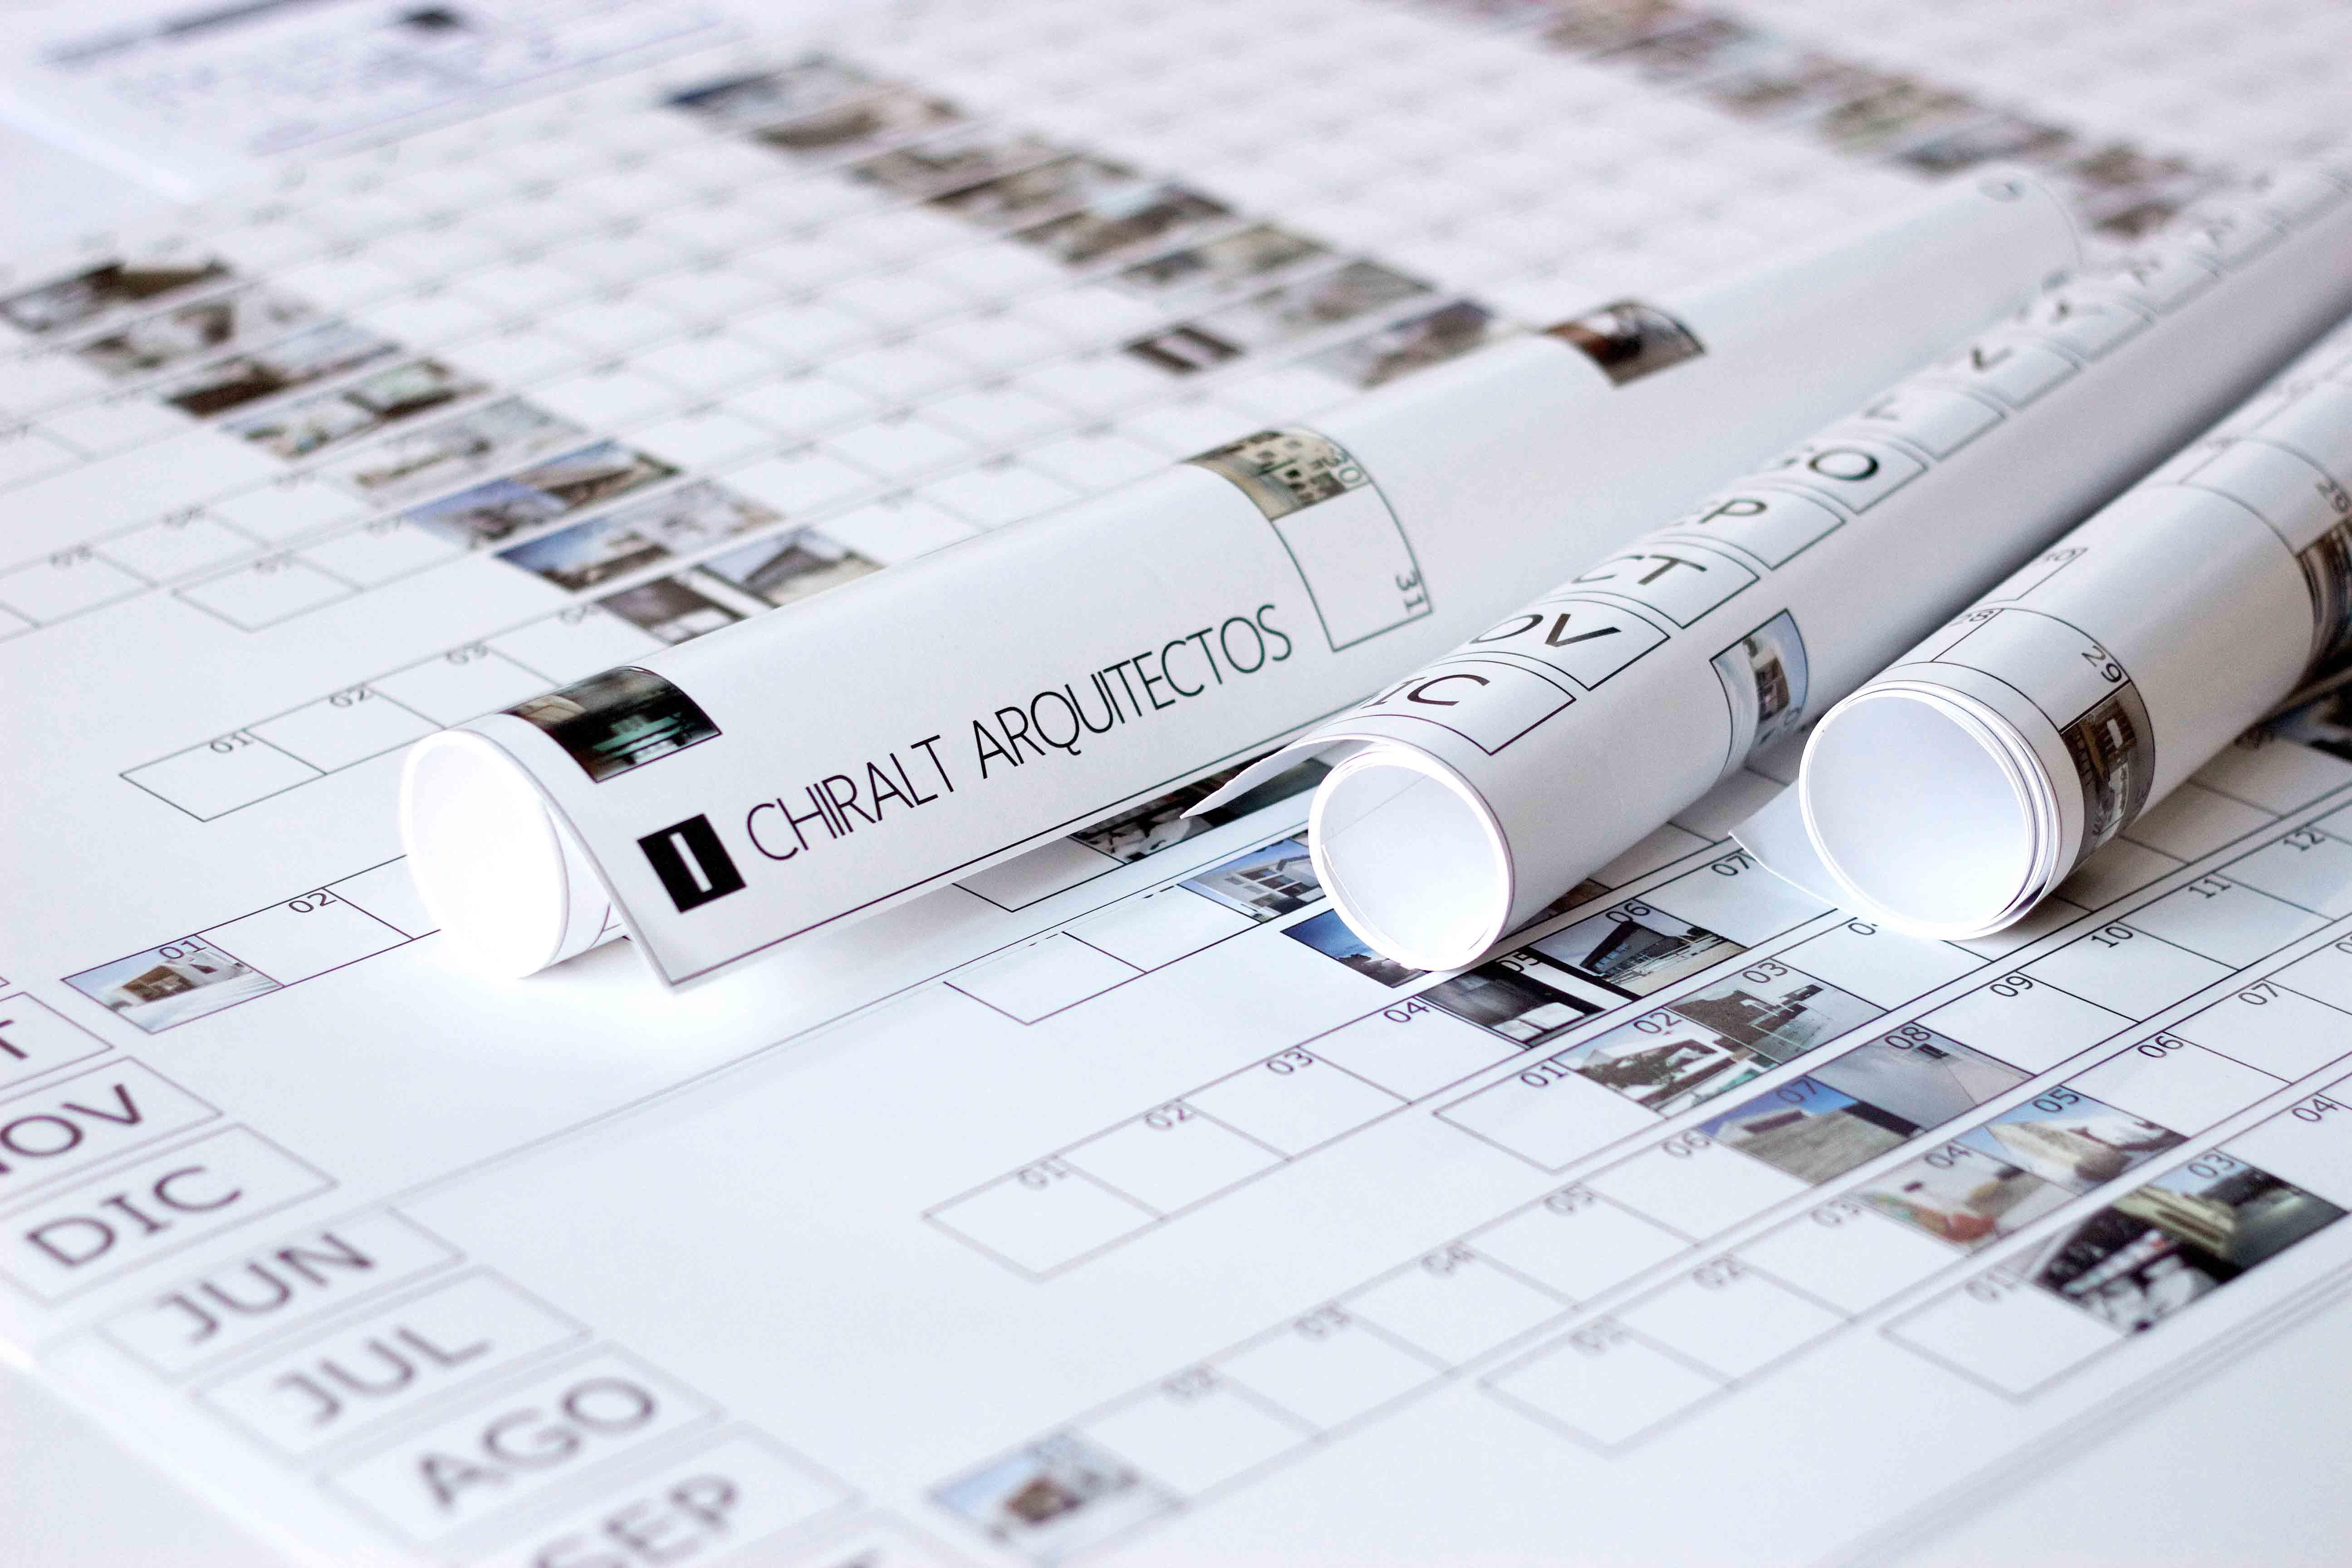 Sorteo Calendario - Chiralt Arquitectos Valencia -